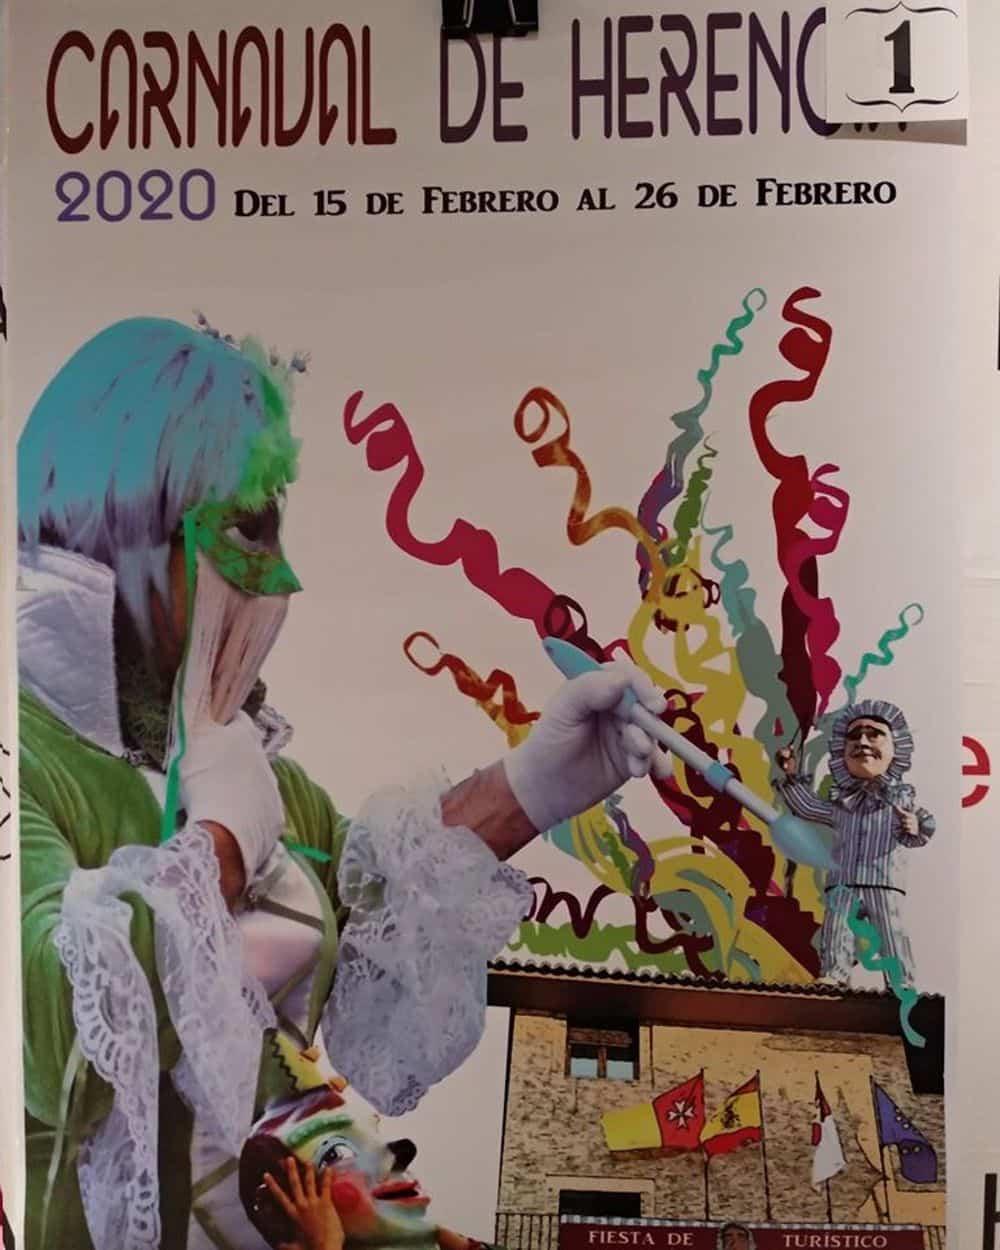 Conoce los carteles de Carnaval de Herencia 2020, ¿cuál te gusta más? 28